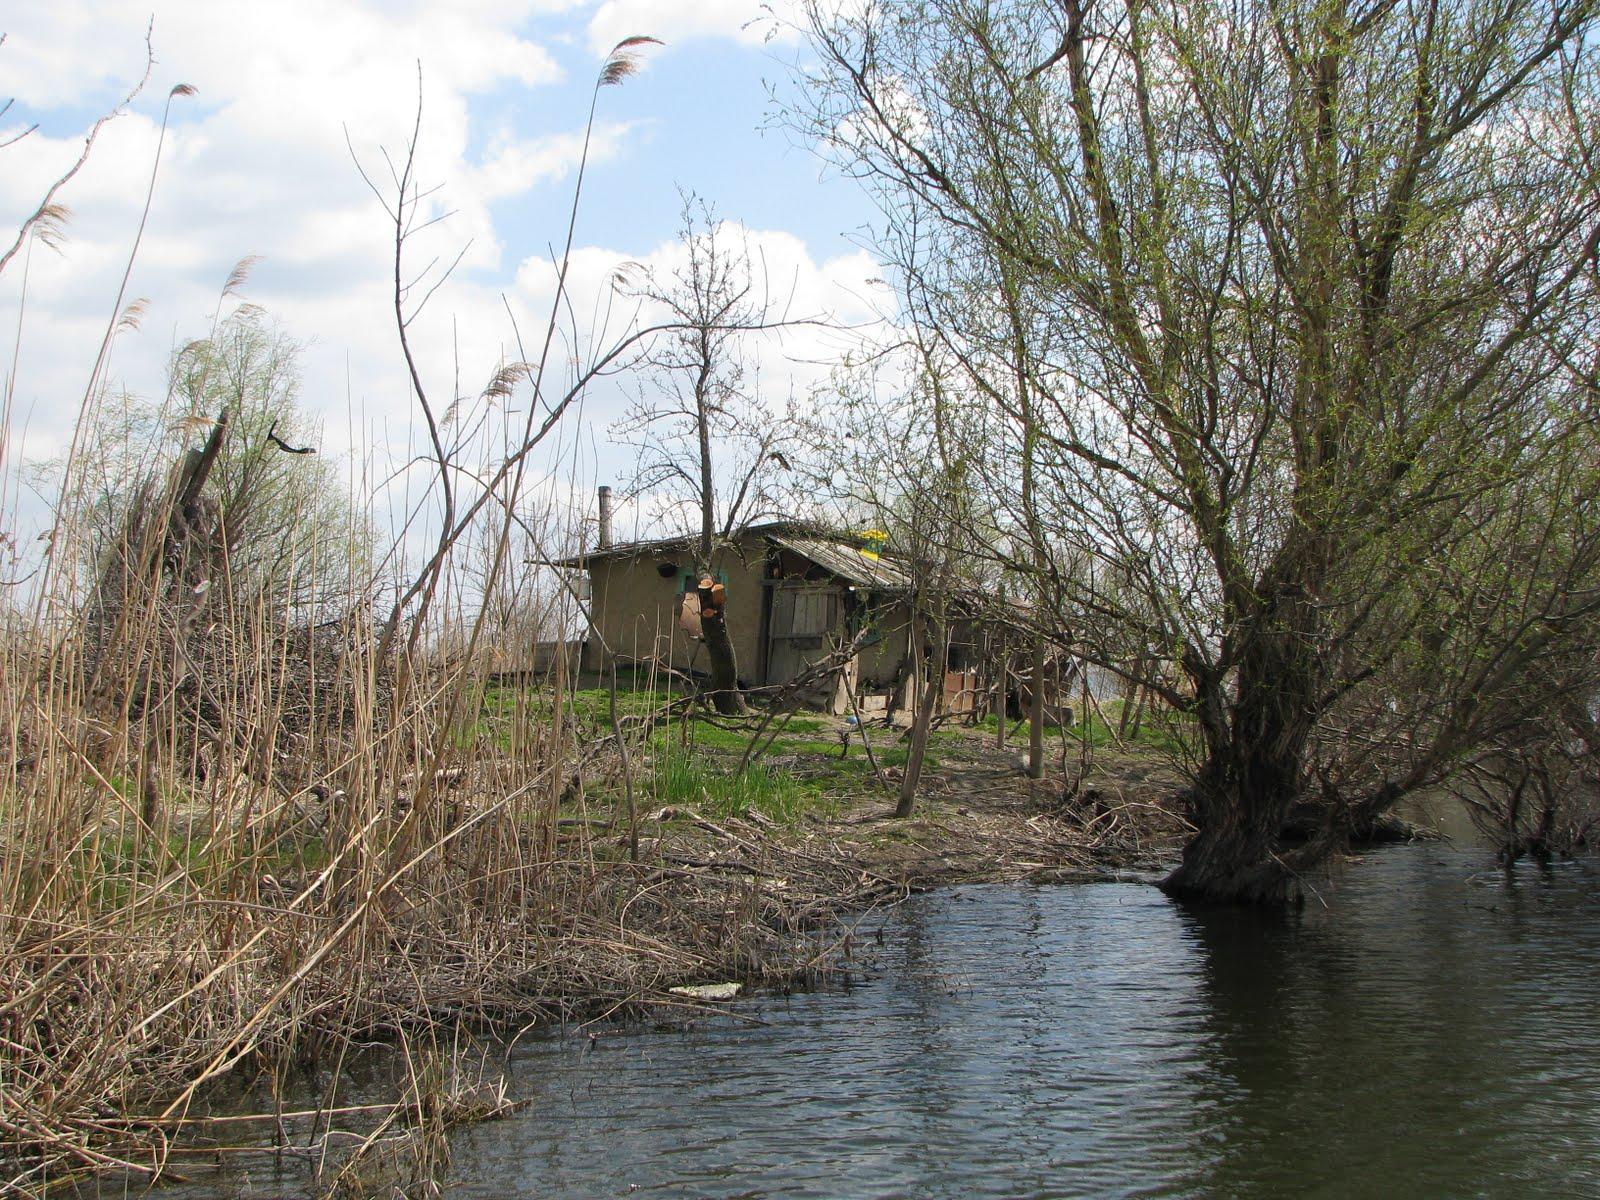 Adăposturi pescăreşti, transformate în ferme şi pensiuni pirat!